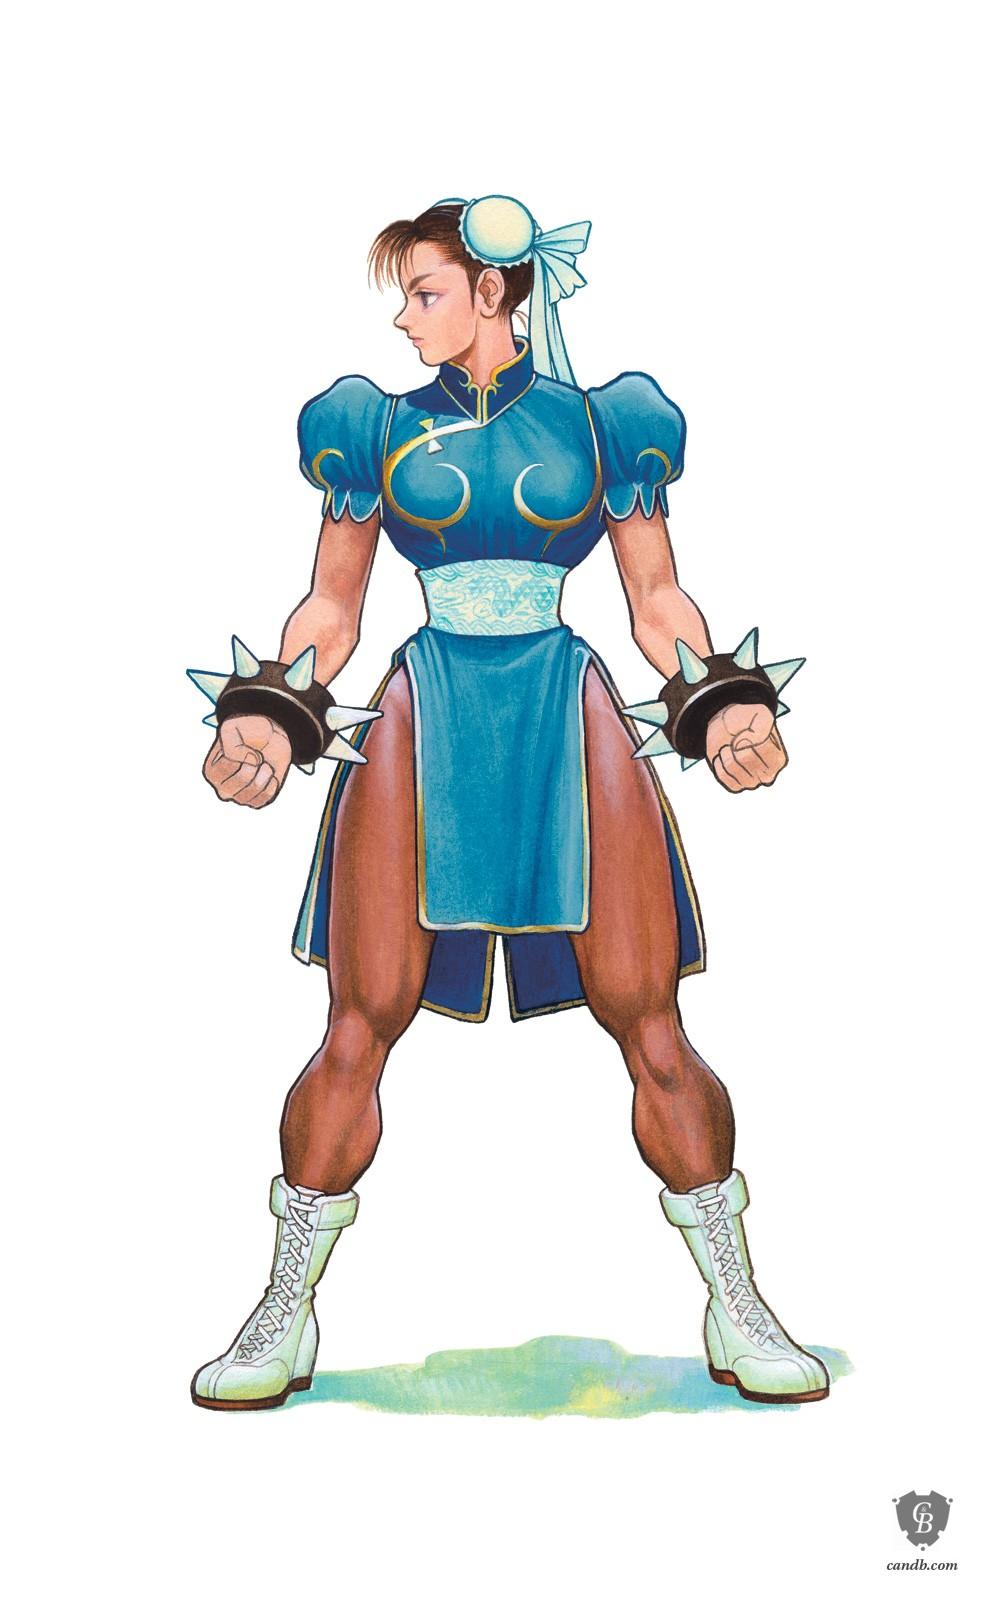 chun-li-streetfighter-akiman_capcom_988x1600_marked